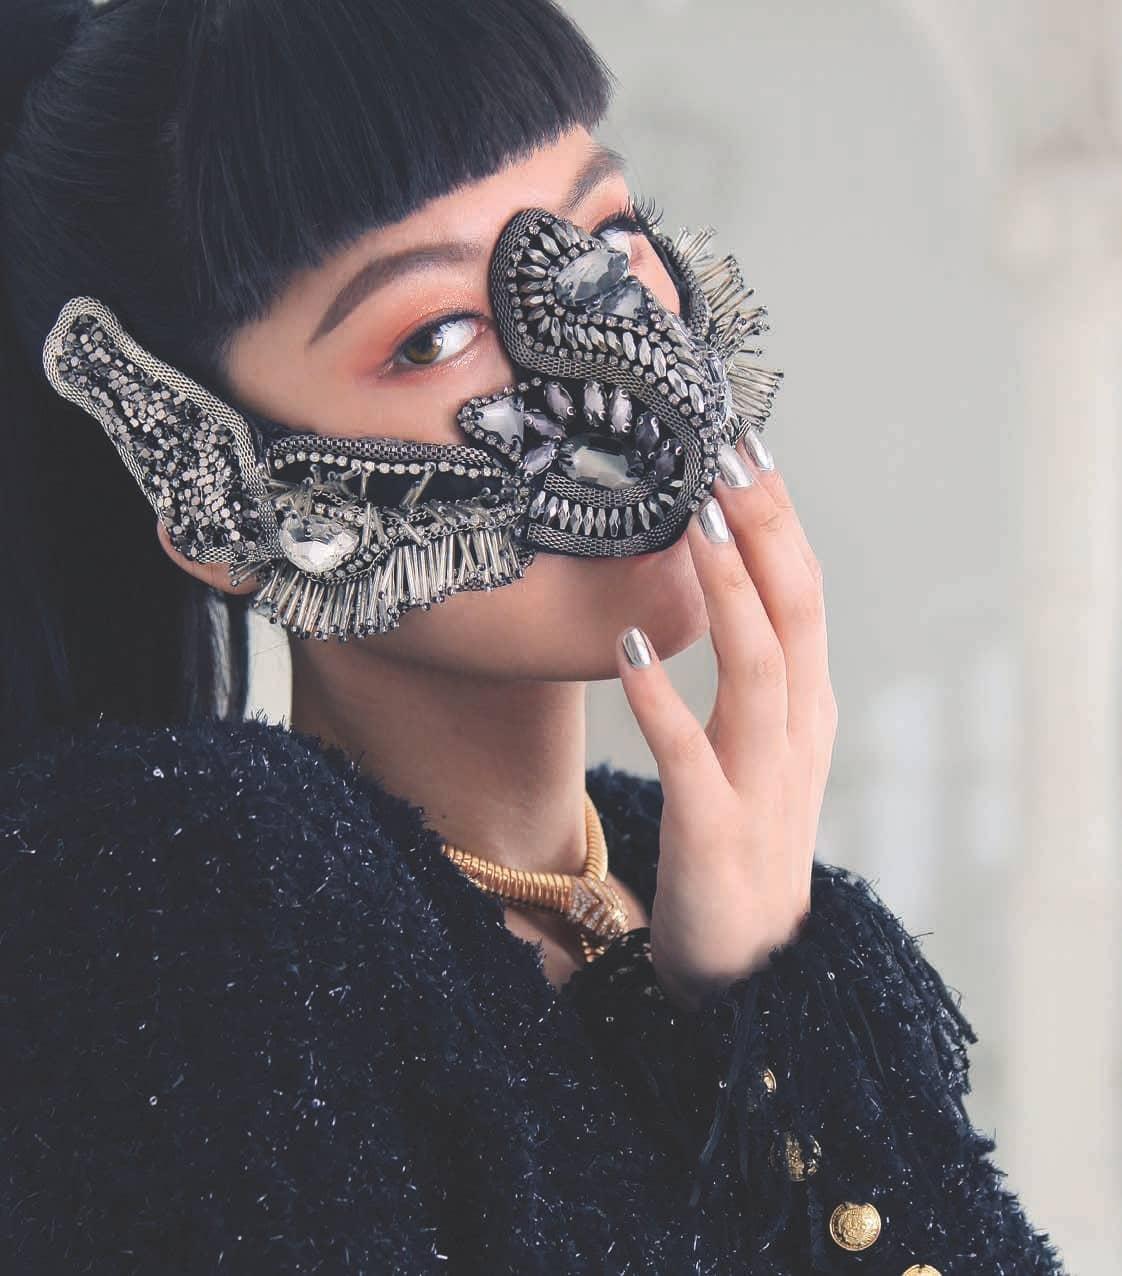 Unmasking Jasmine Sokko, The Face Behind Edm's Newest Sensation